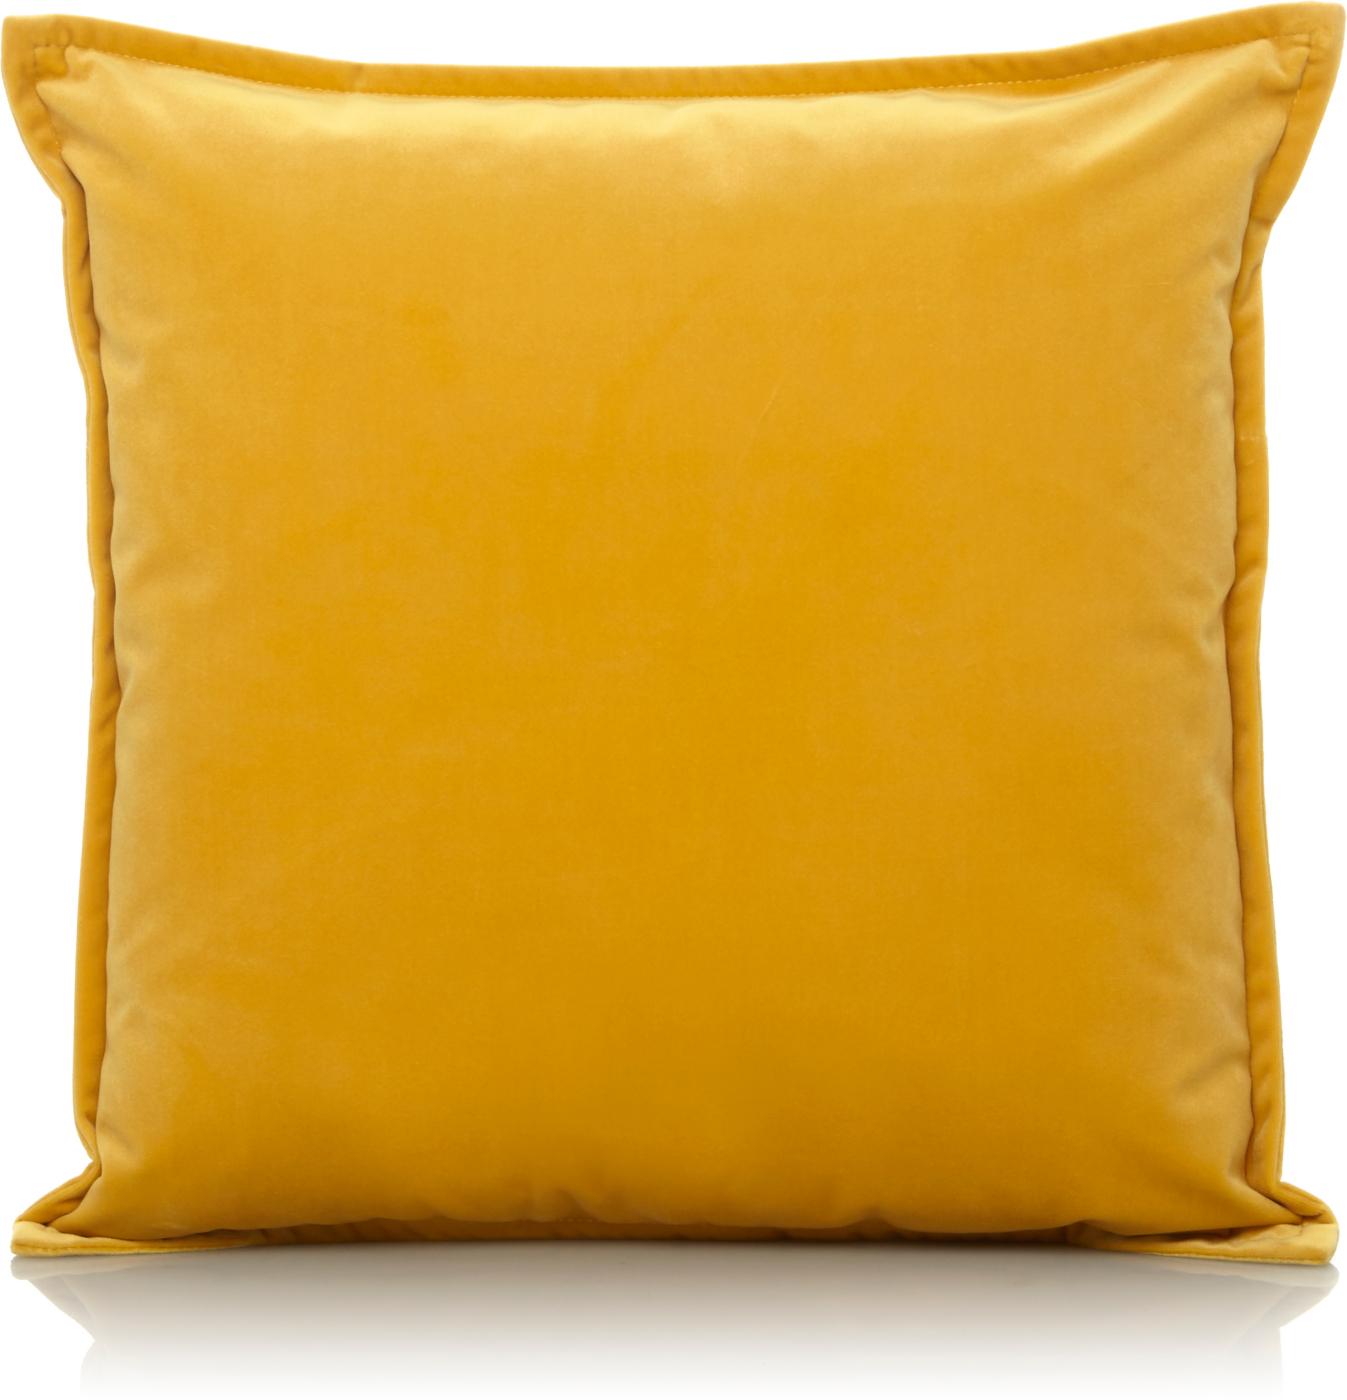 Yellow Cushions Home & Garden